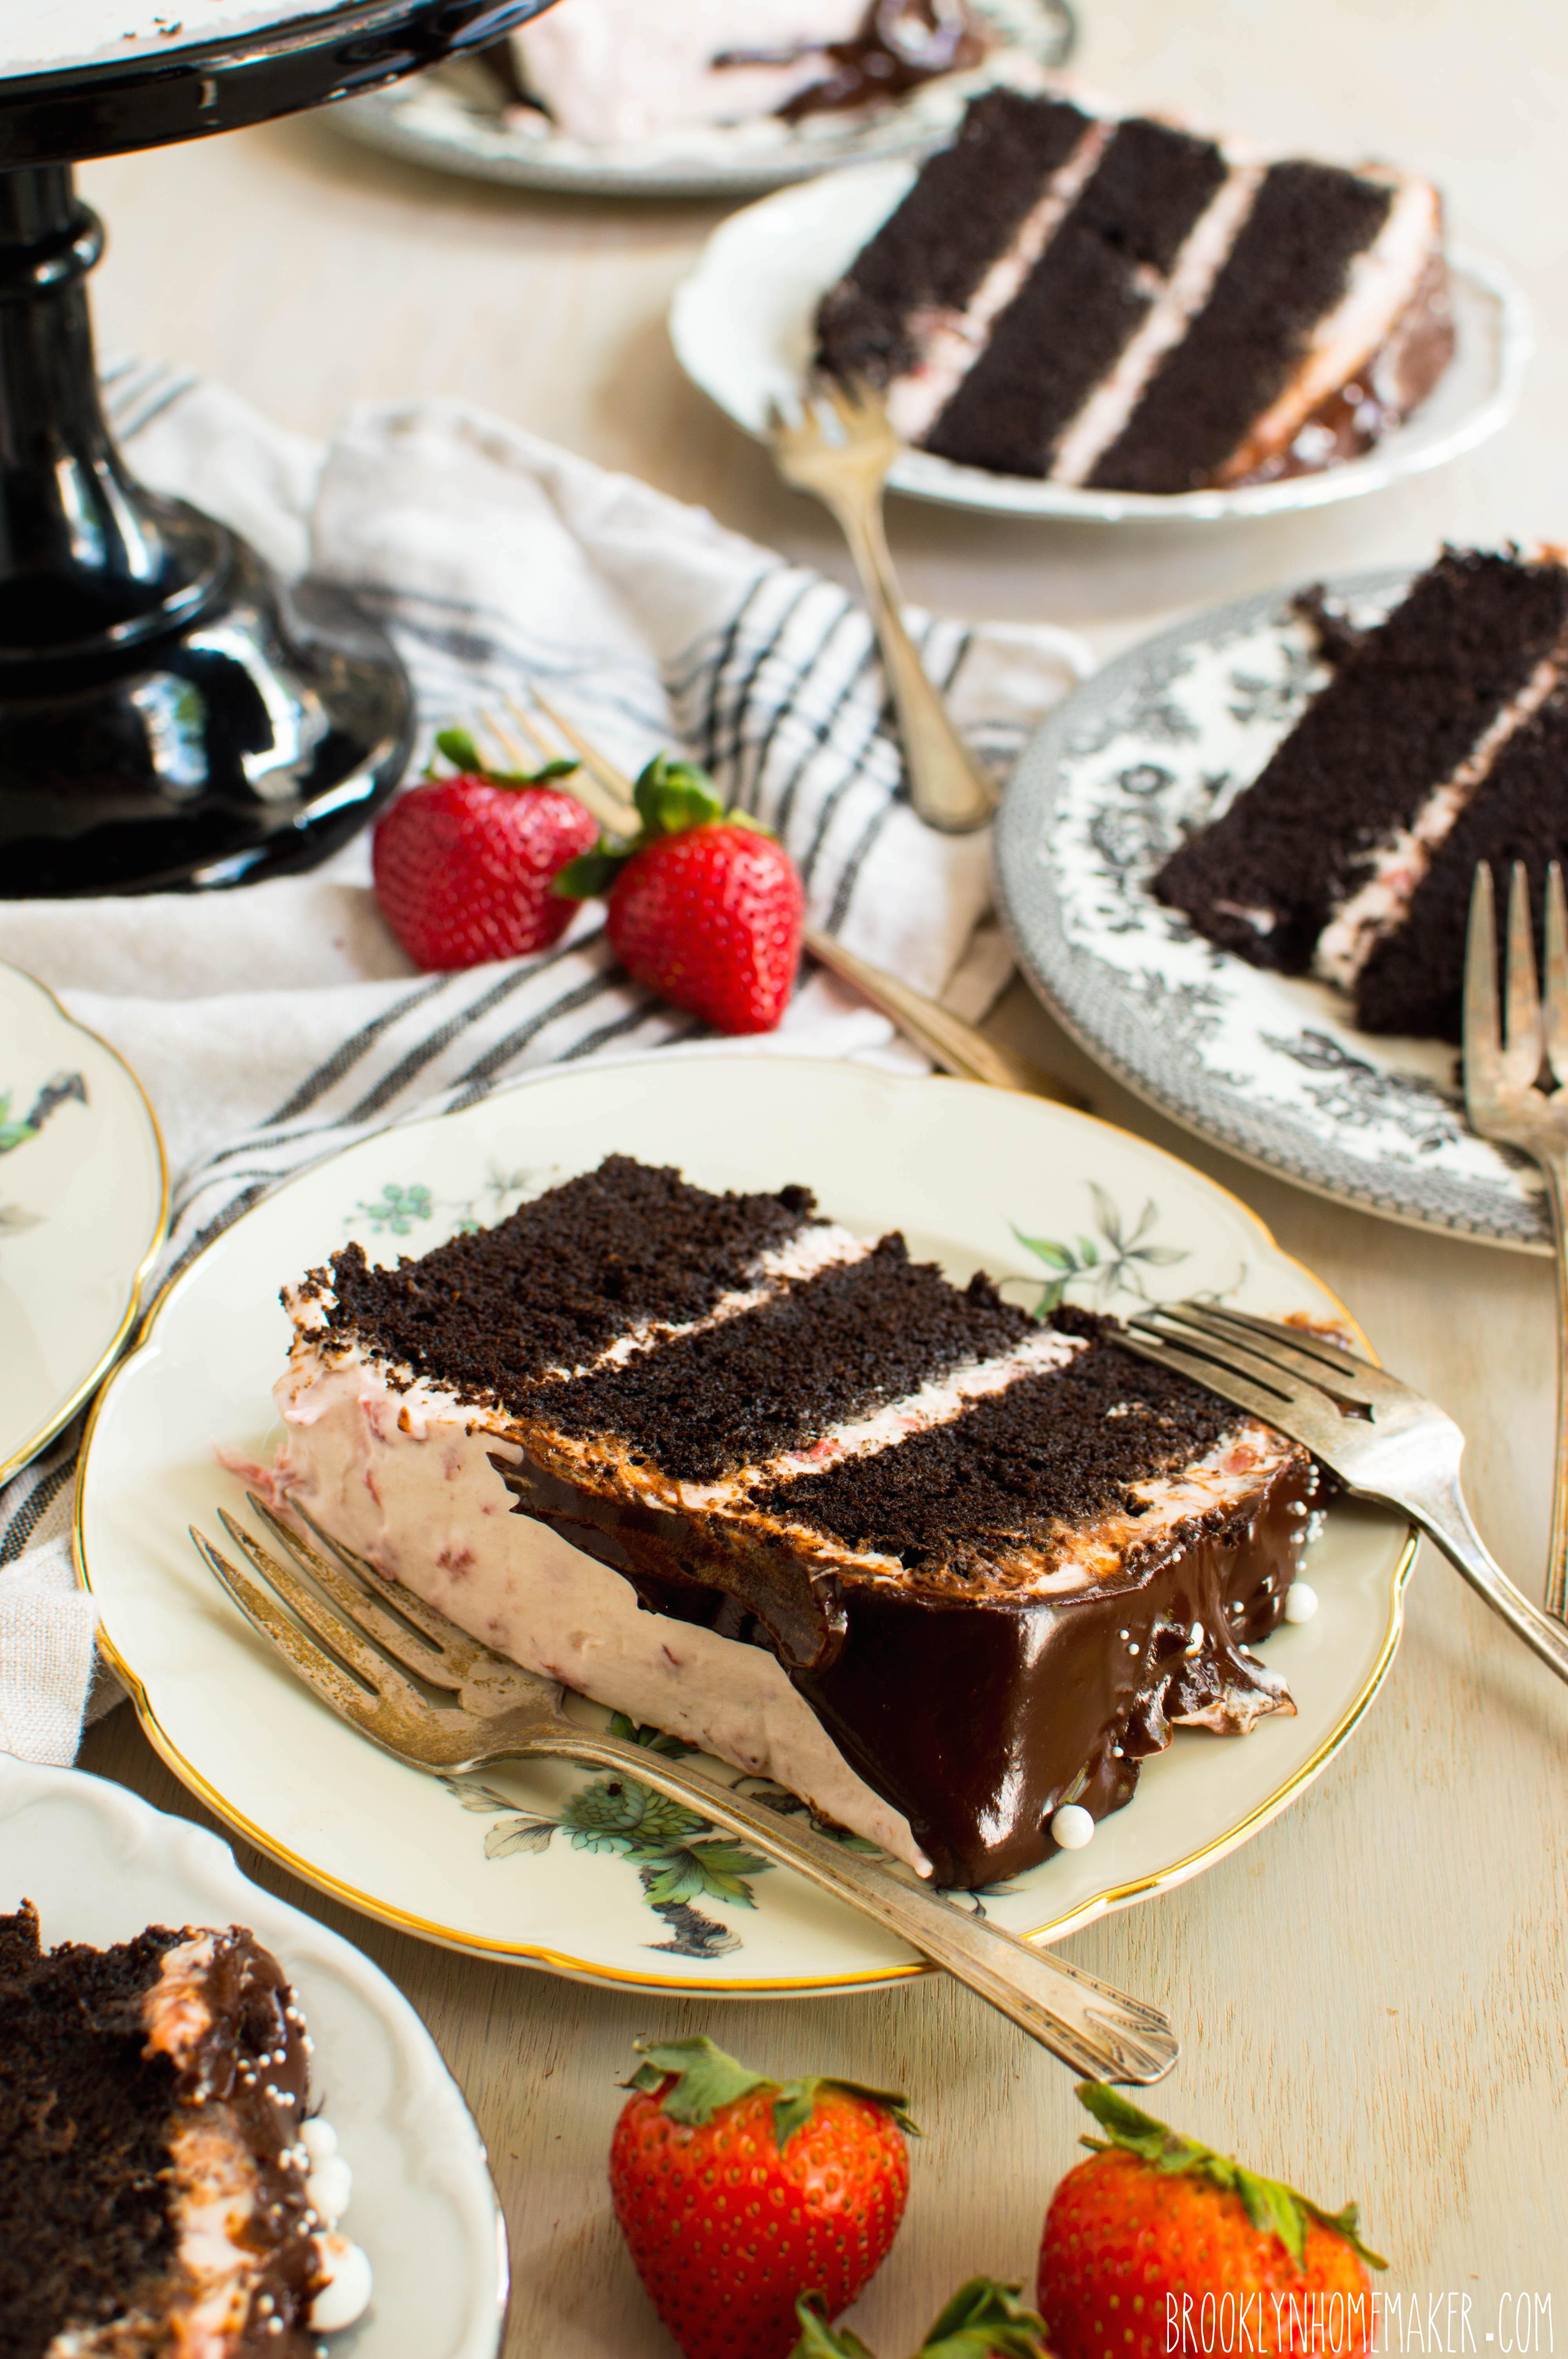 Chocolate Tuxedo Cake With Strawberry Mascarpone Icing